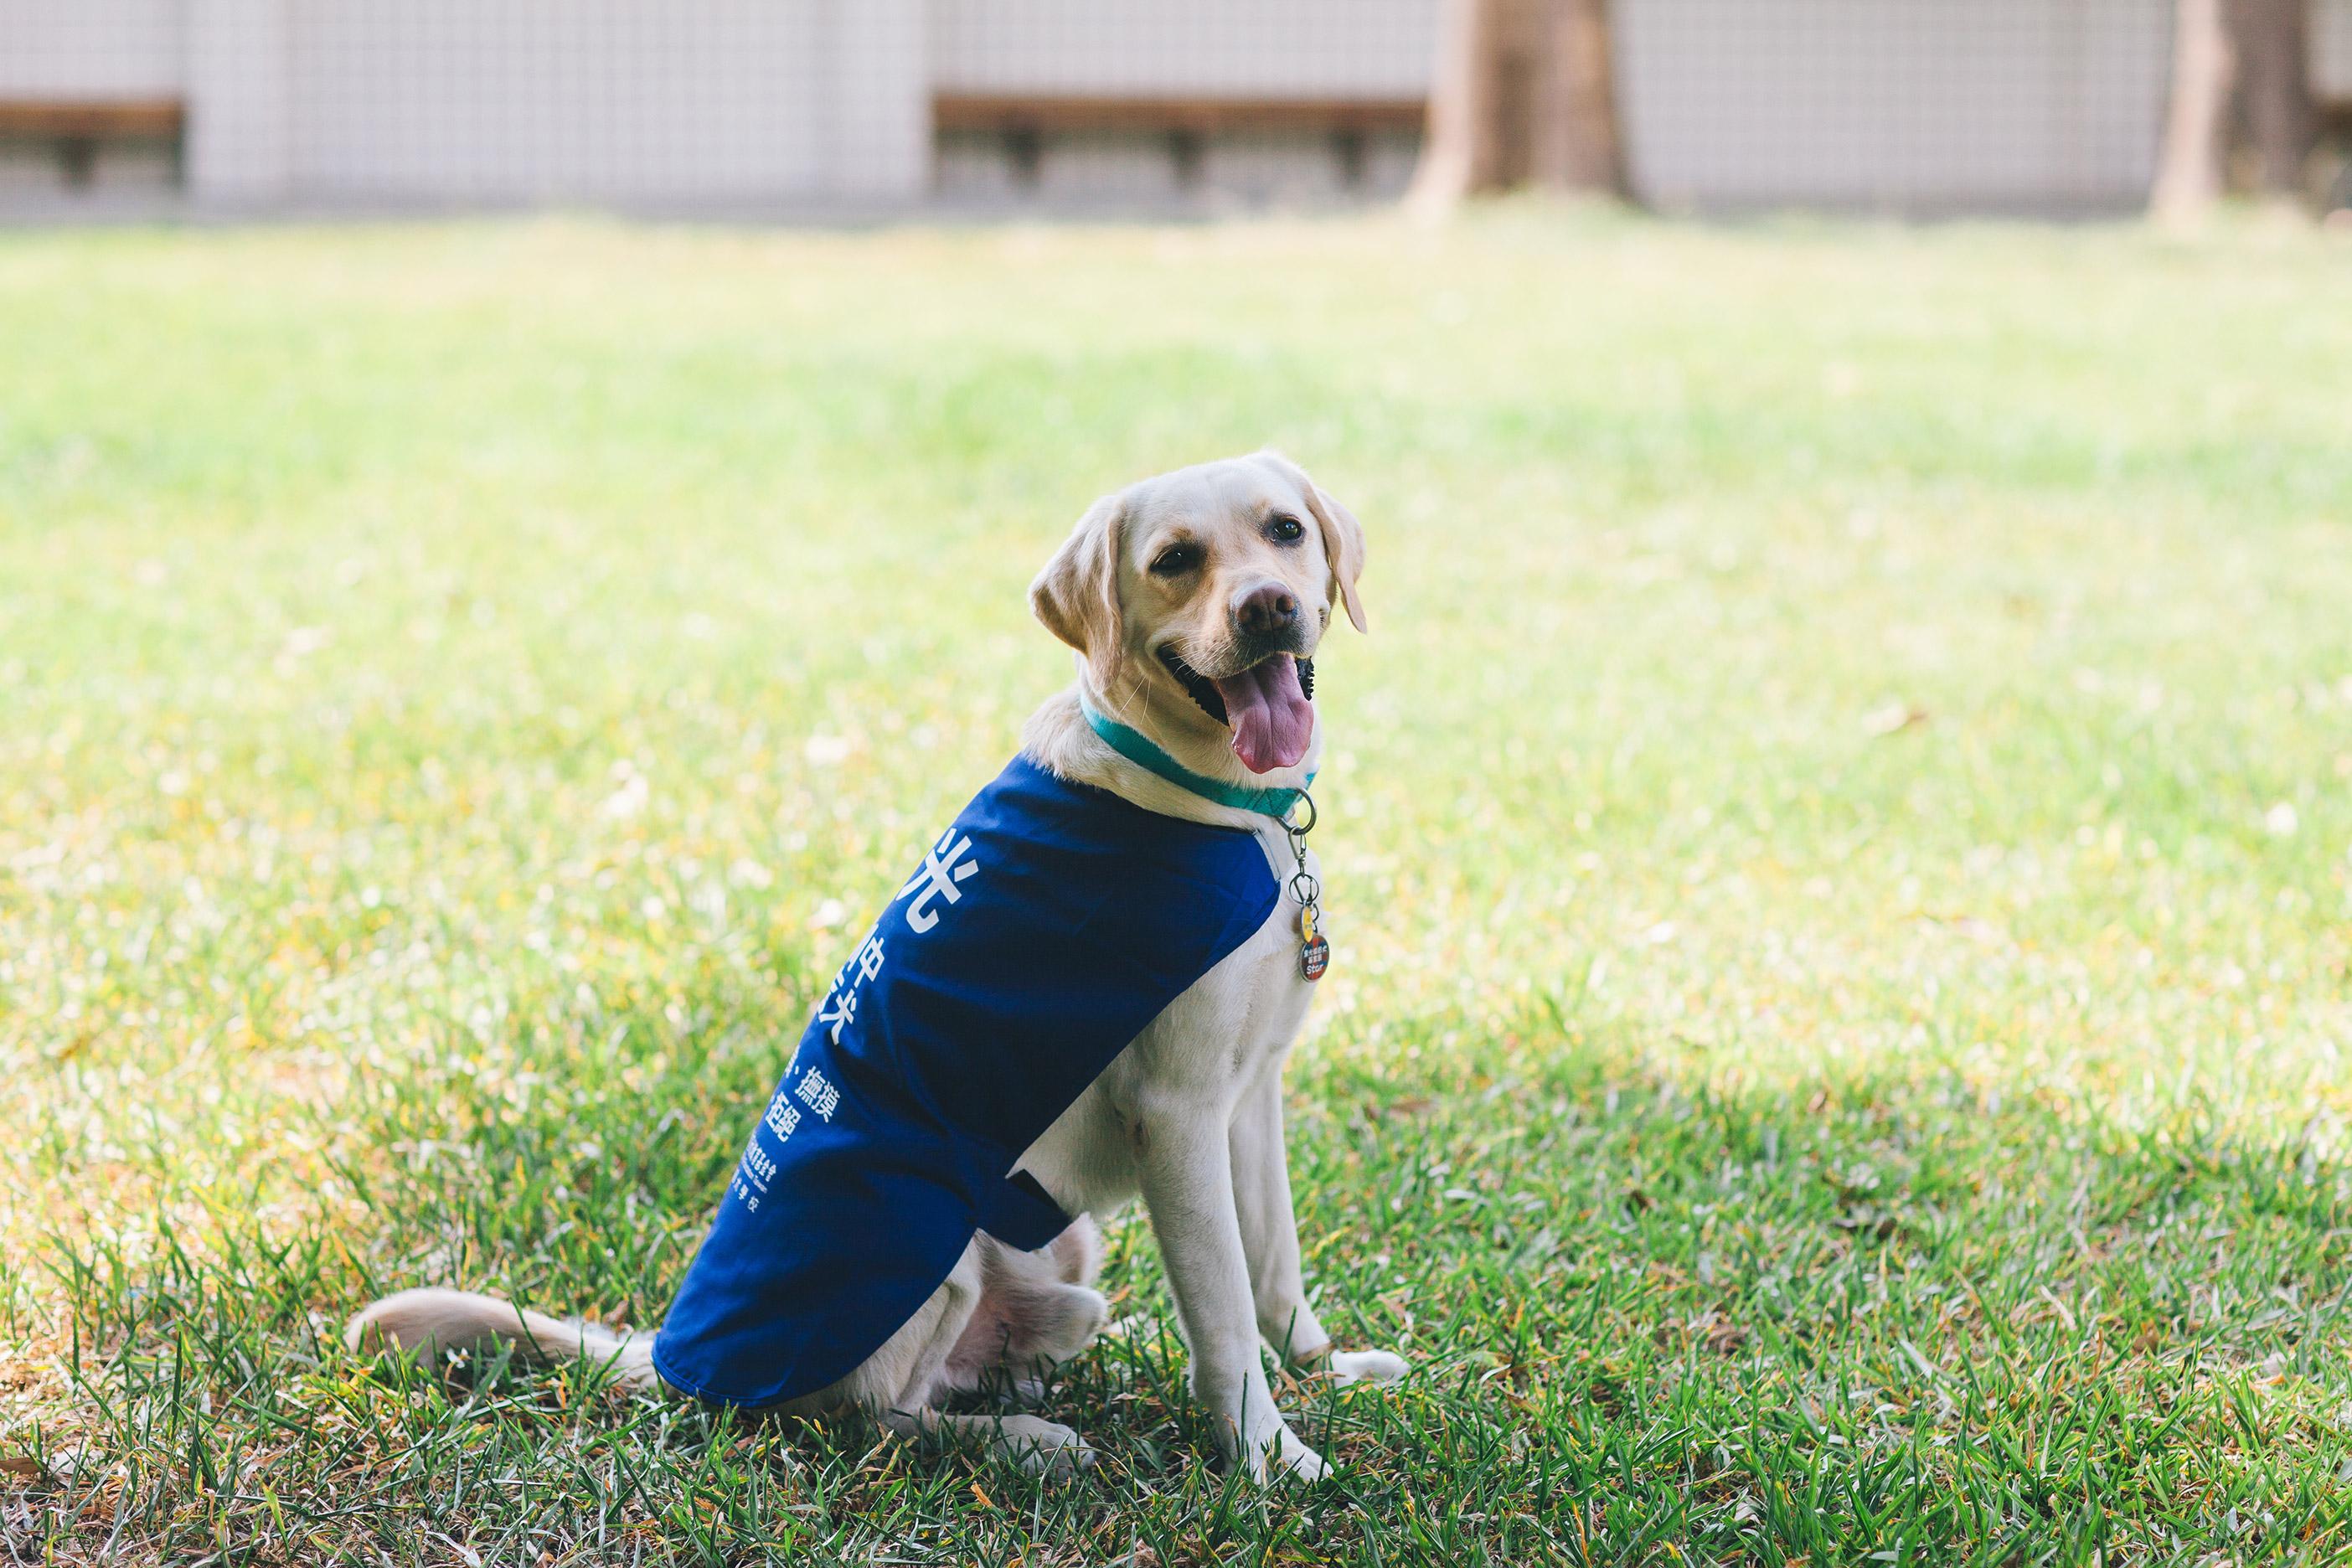 白色的種犬穿著藍色背心坐在草地上